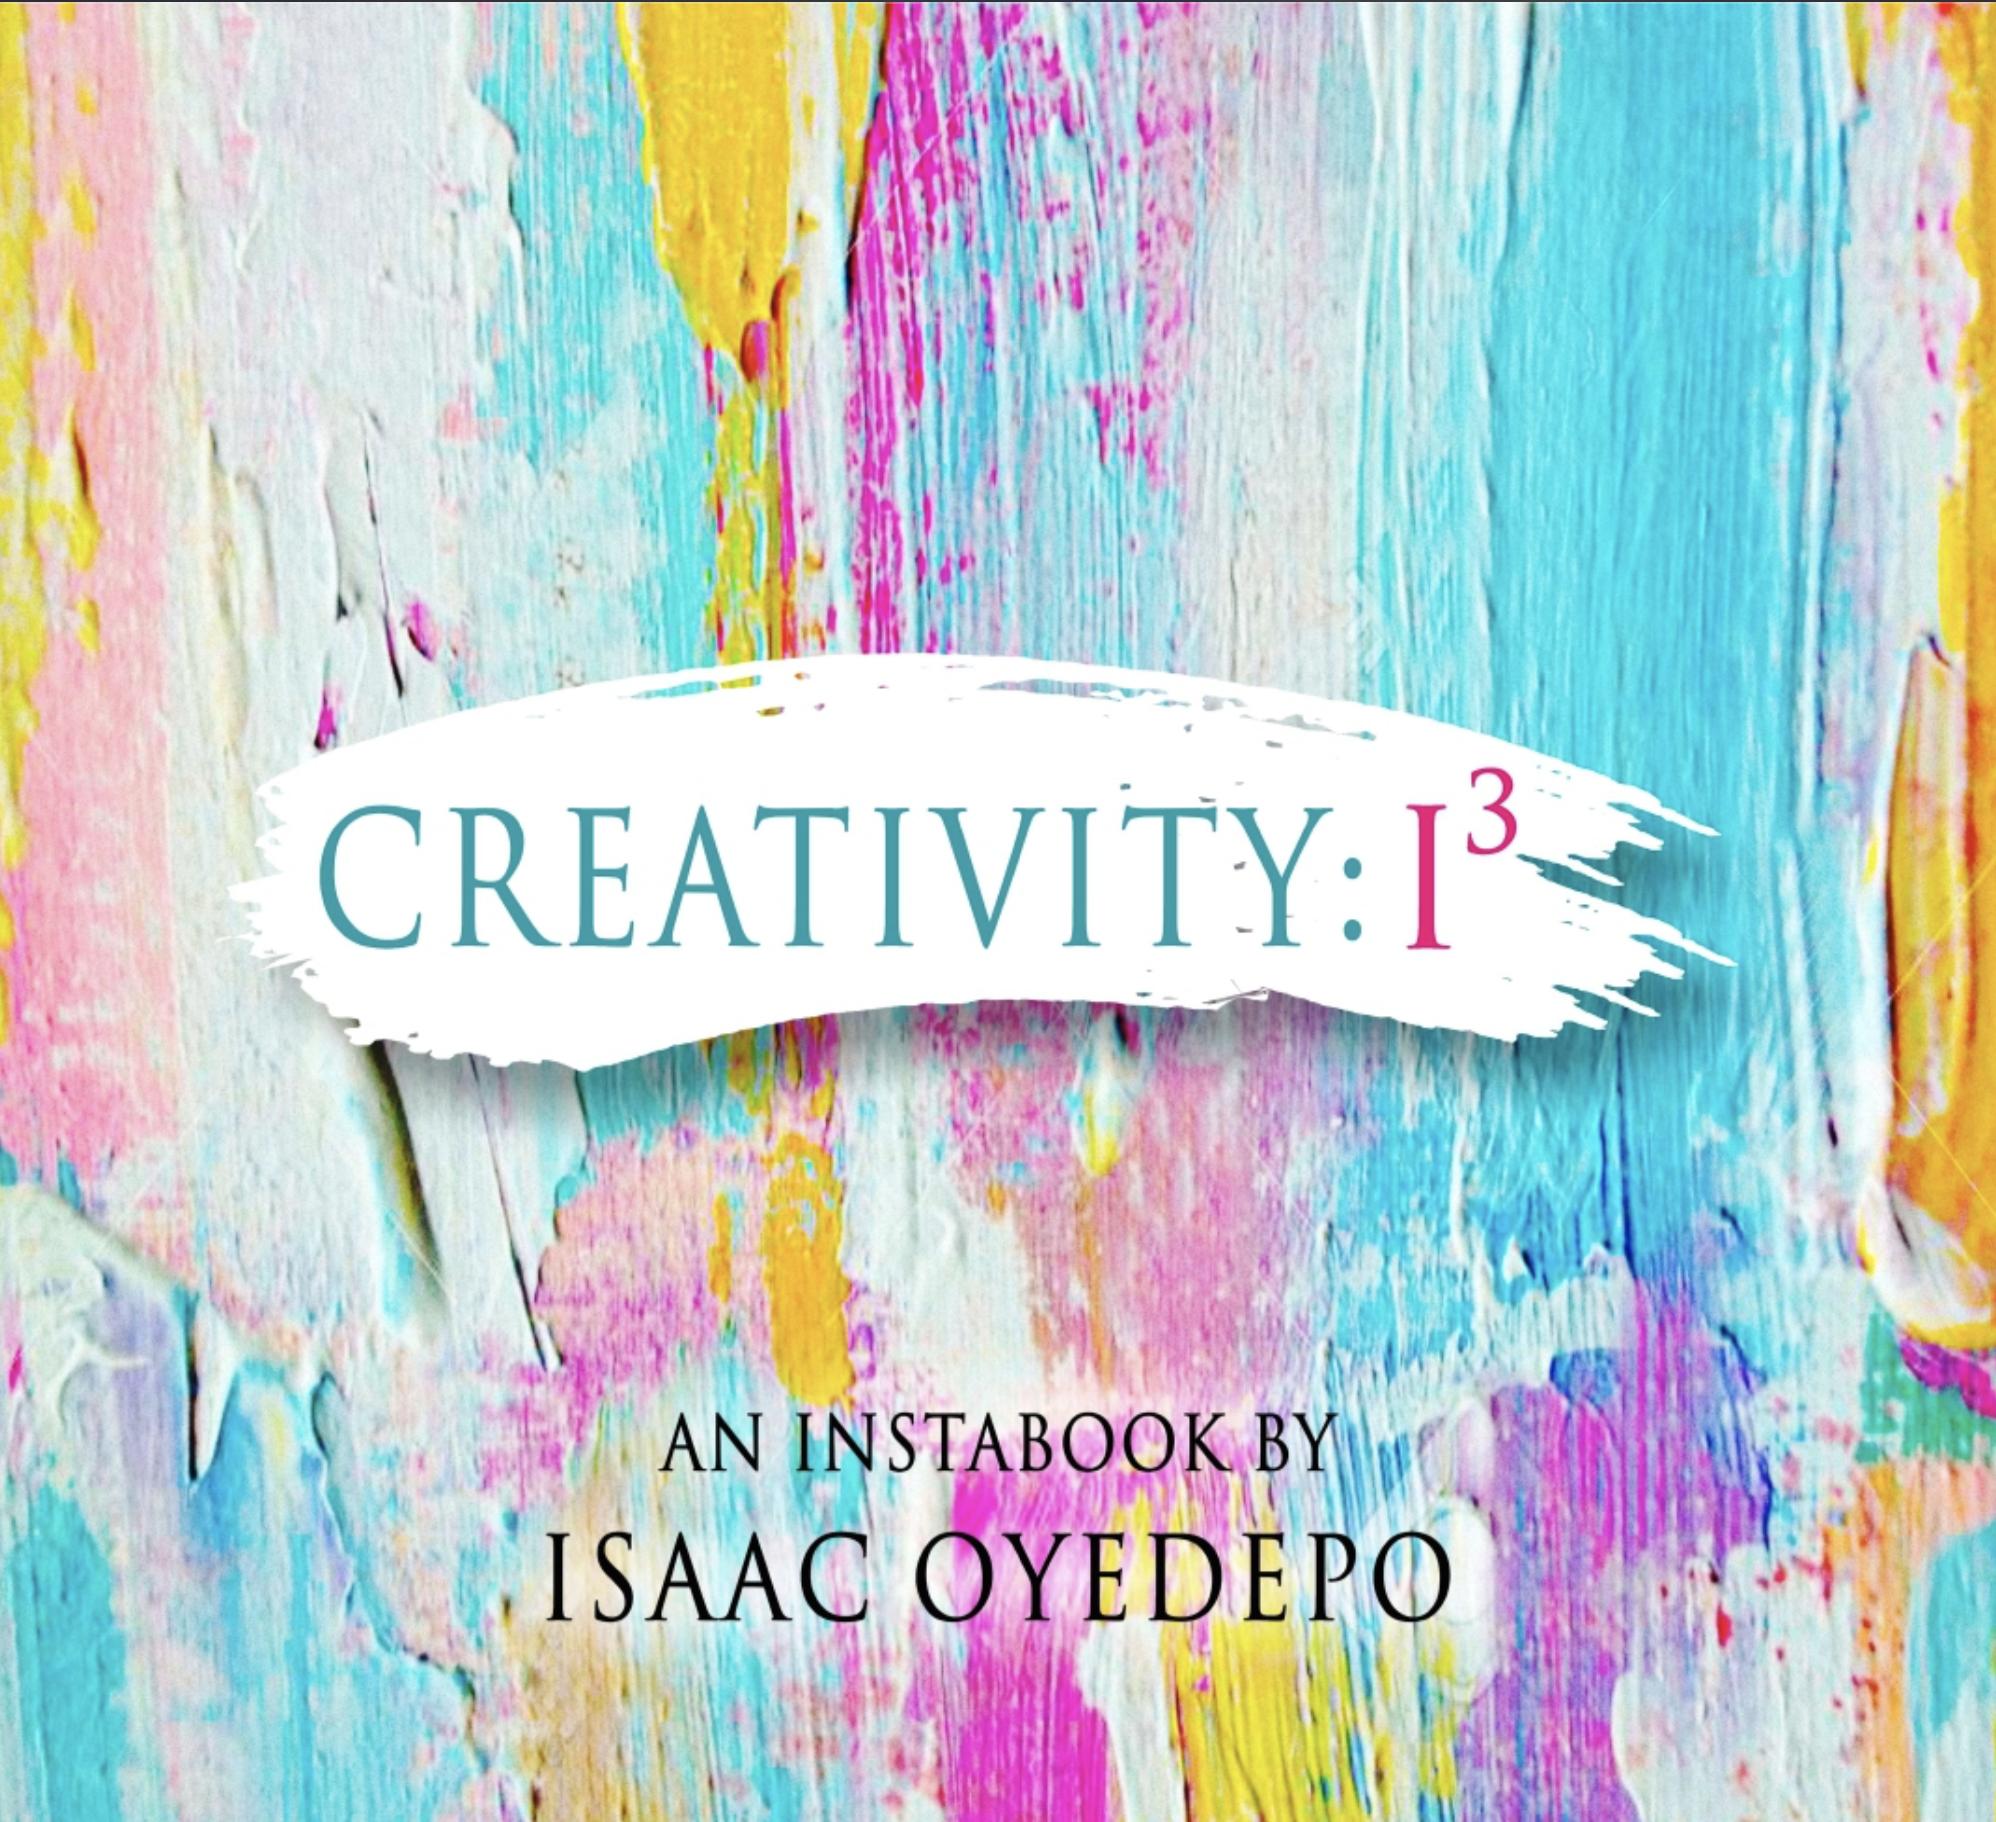 CREATIVITY I3